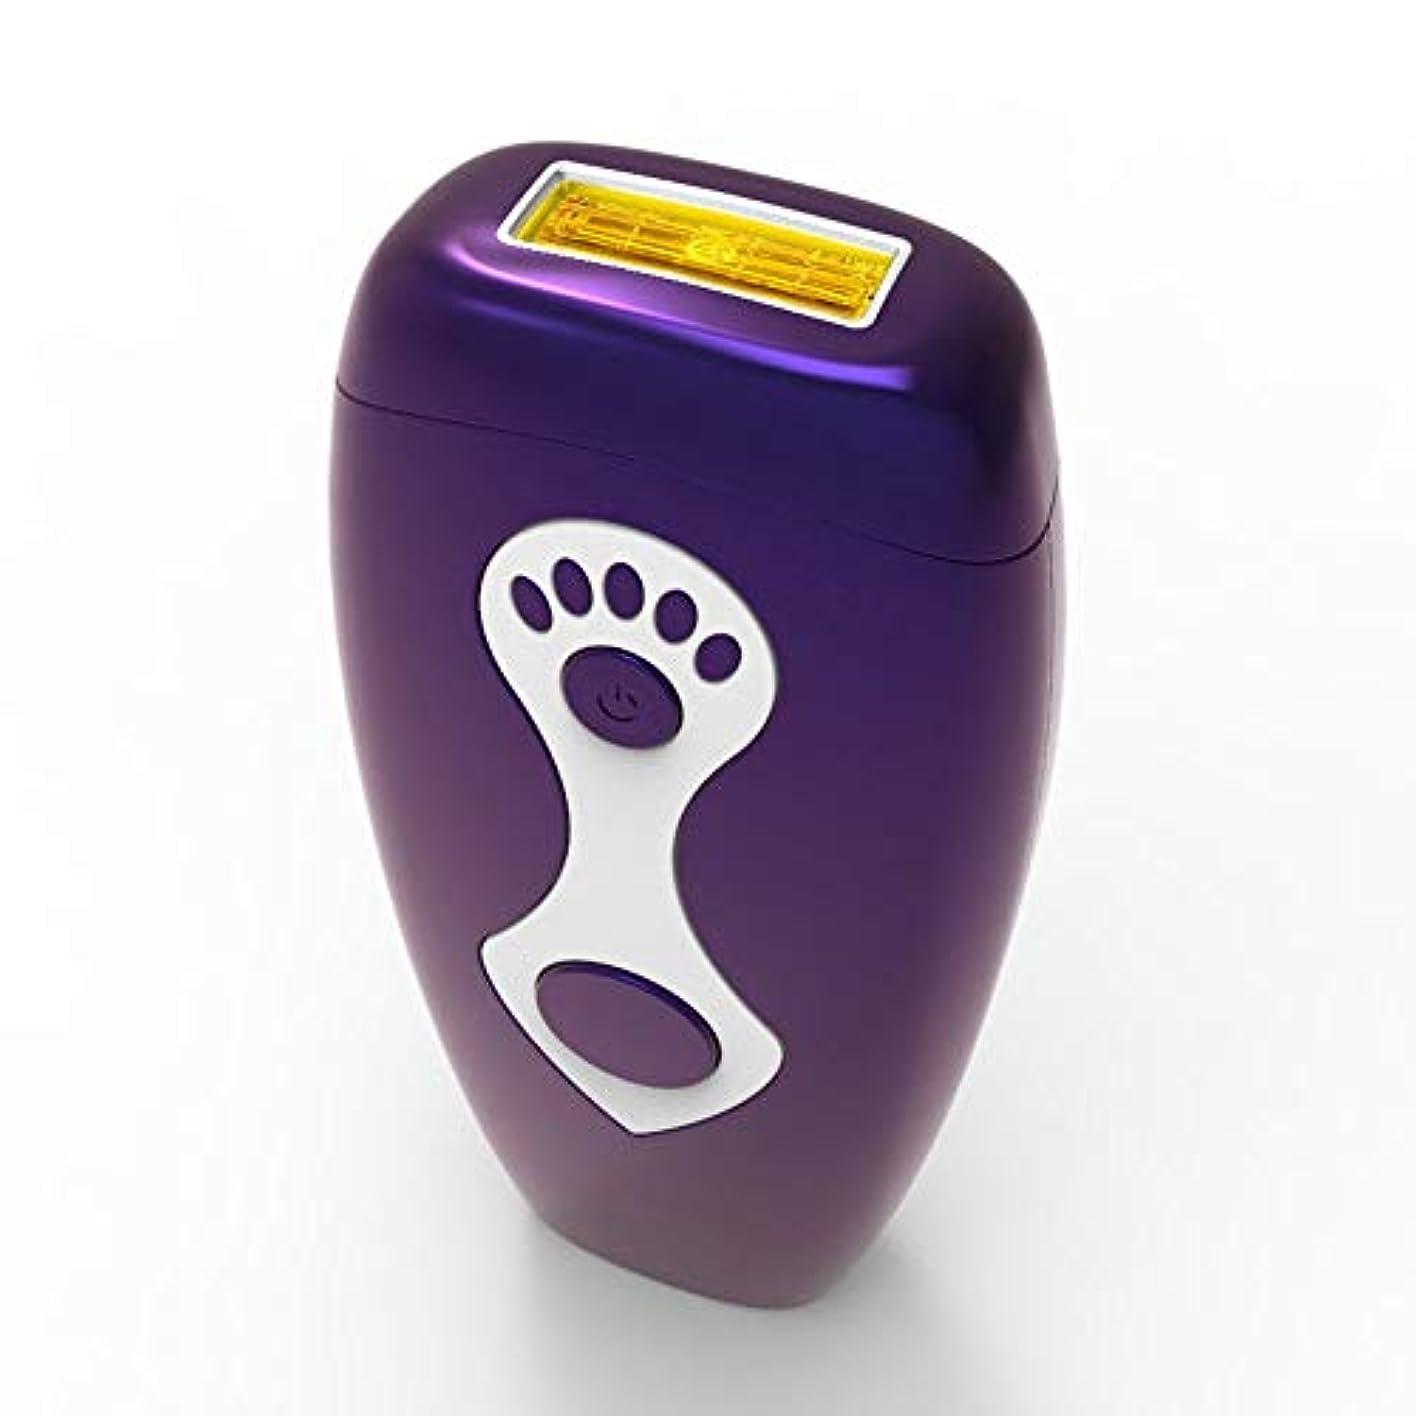 ラボがっかりしたお父さんNuanxin パーマネント脱毛、家庭用ニュートラルヘアリムーバー、柔らかい肌、マルチ運動エネルギー、安全性、グレード5無料調整、サイズ7.5×16.5 Cm F30 (Color : Purple)